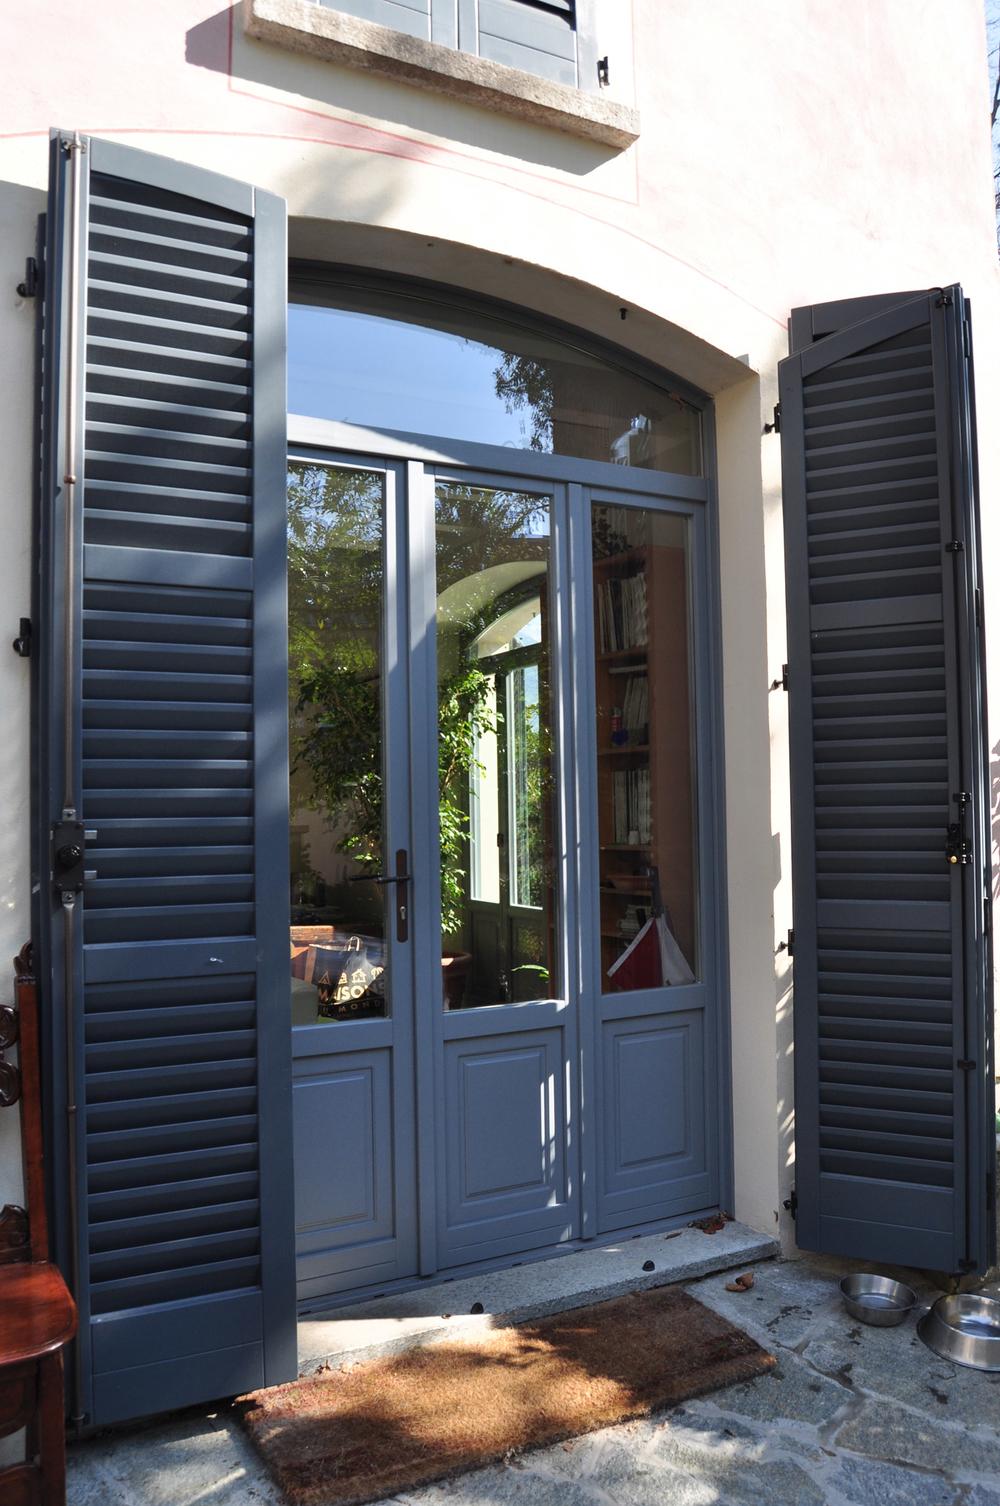 Pvc roncoroni legno - Sicurezza porta finestra ...